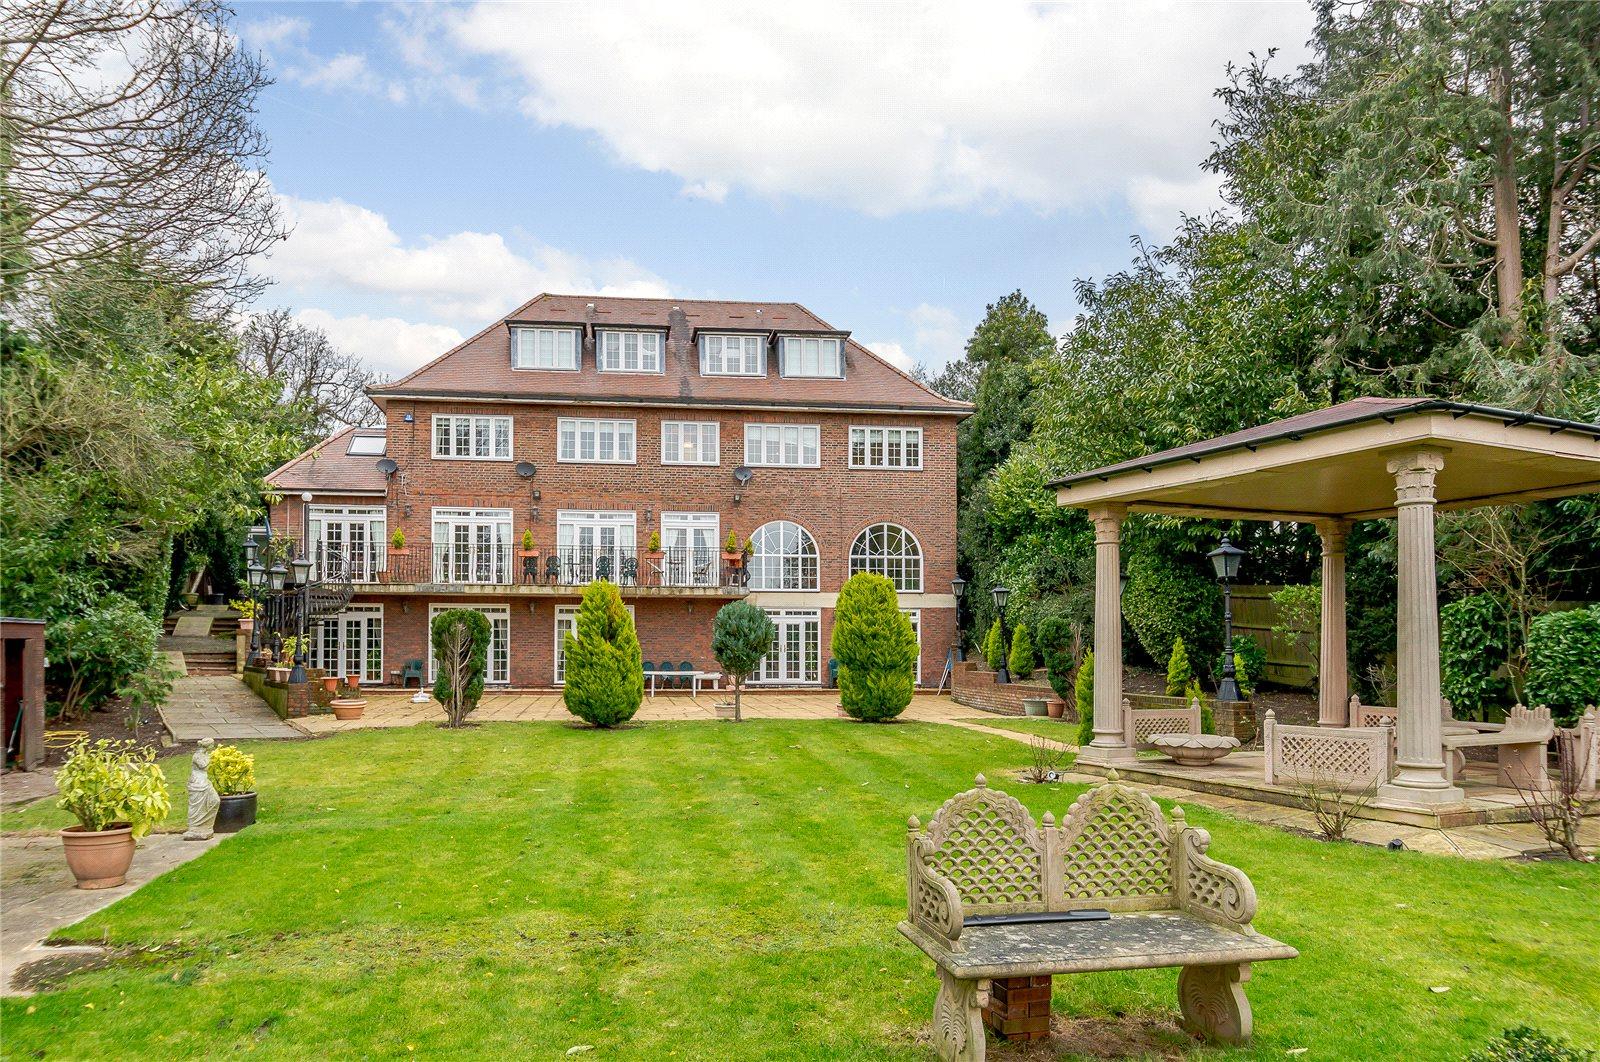 獨棟家庭住宅 為 出售 在 Barnet Road, Barnet, Hertfordshire, EN5 Barnet, 英格蘭